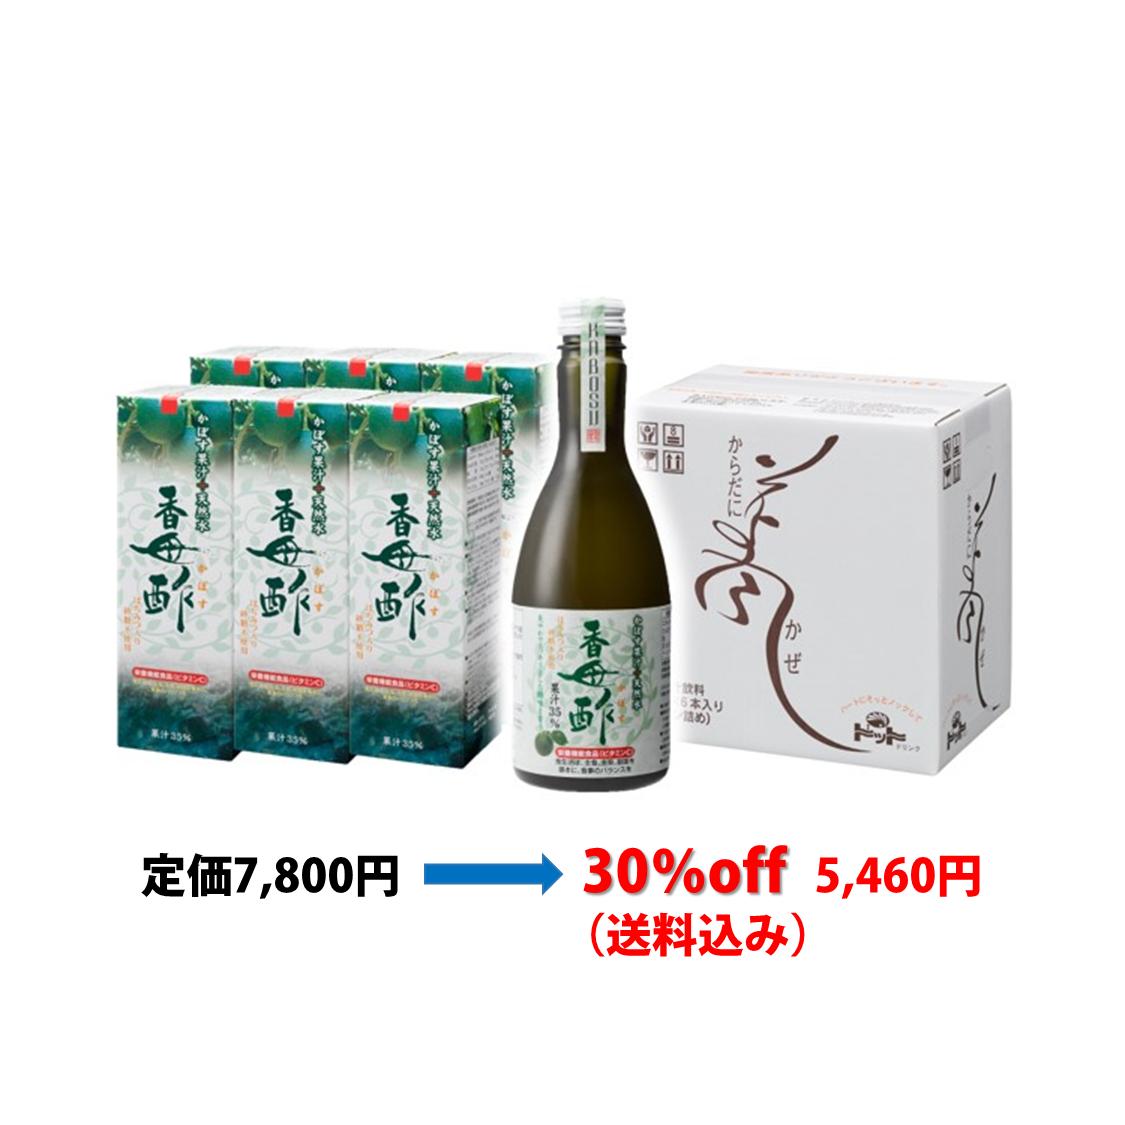 特別価格! 香母酢6本セット